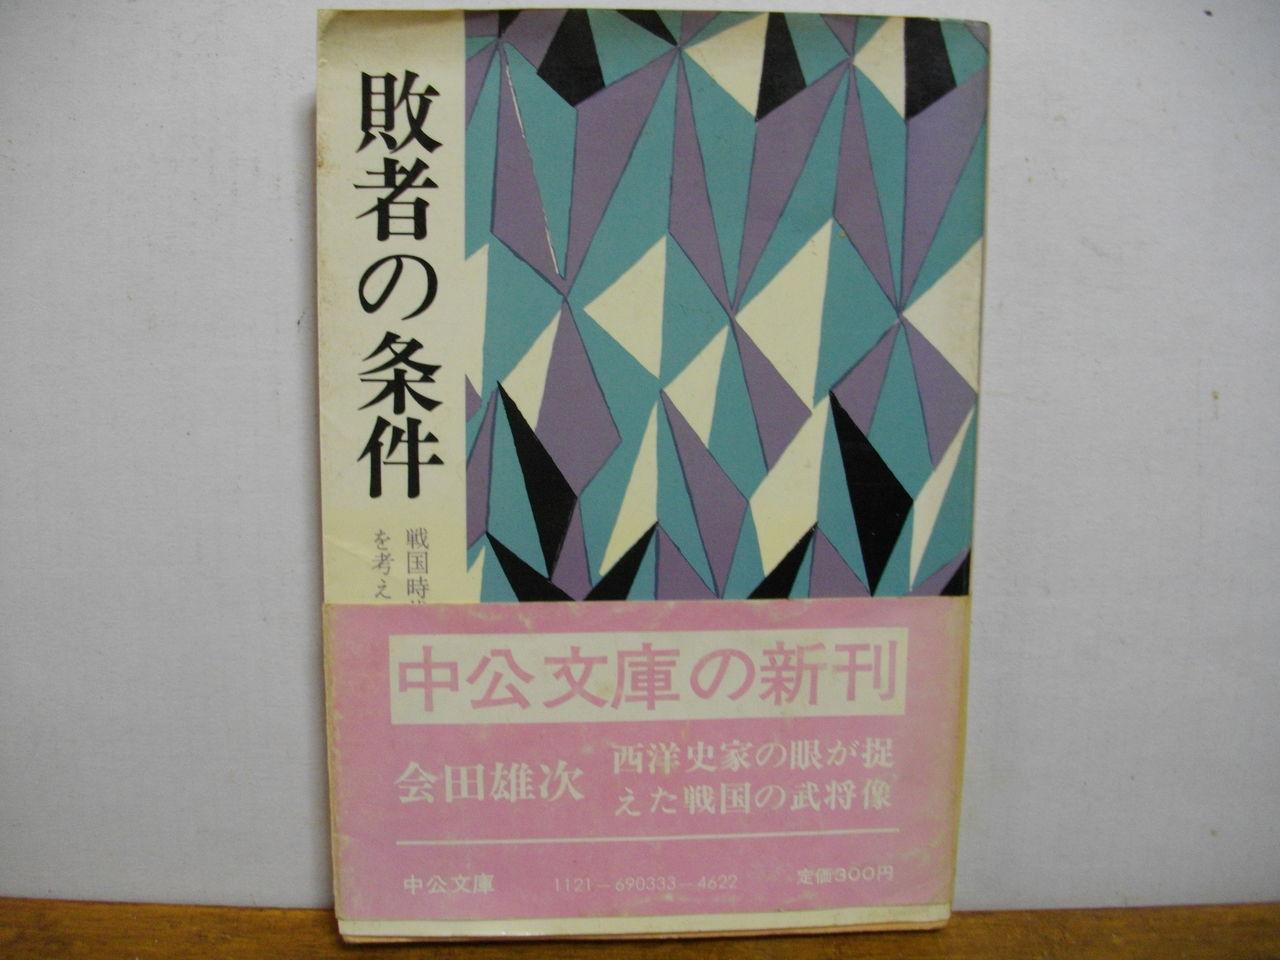 IMGP8128 会田雄次 (1916~1997) 「評論・その他(日本)」カテゴリの最...